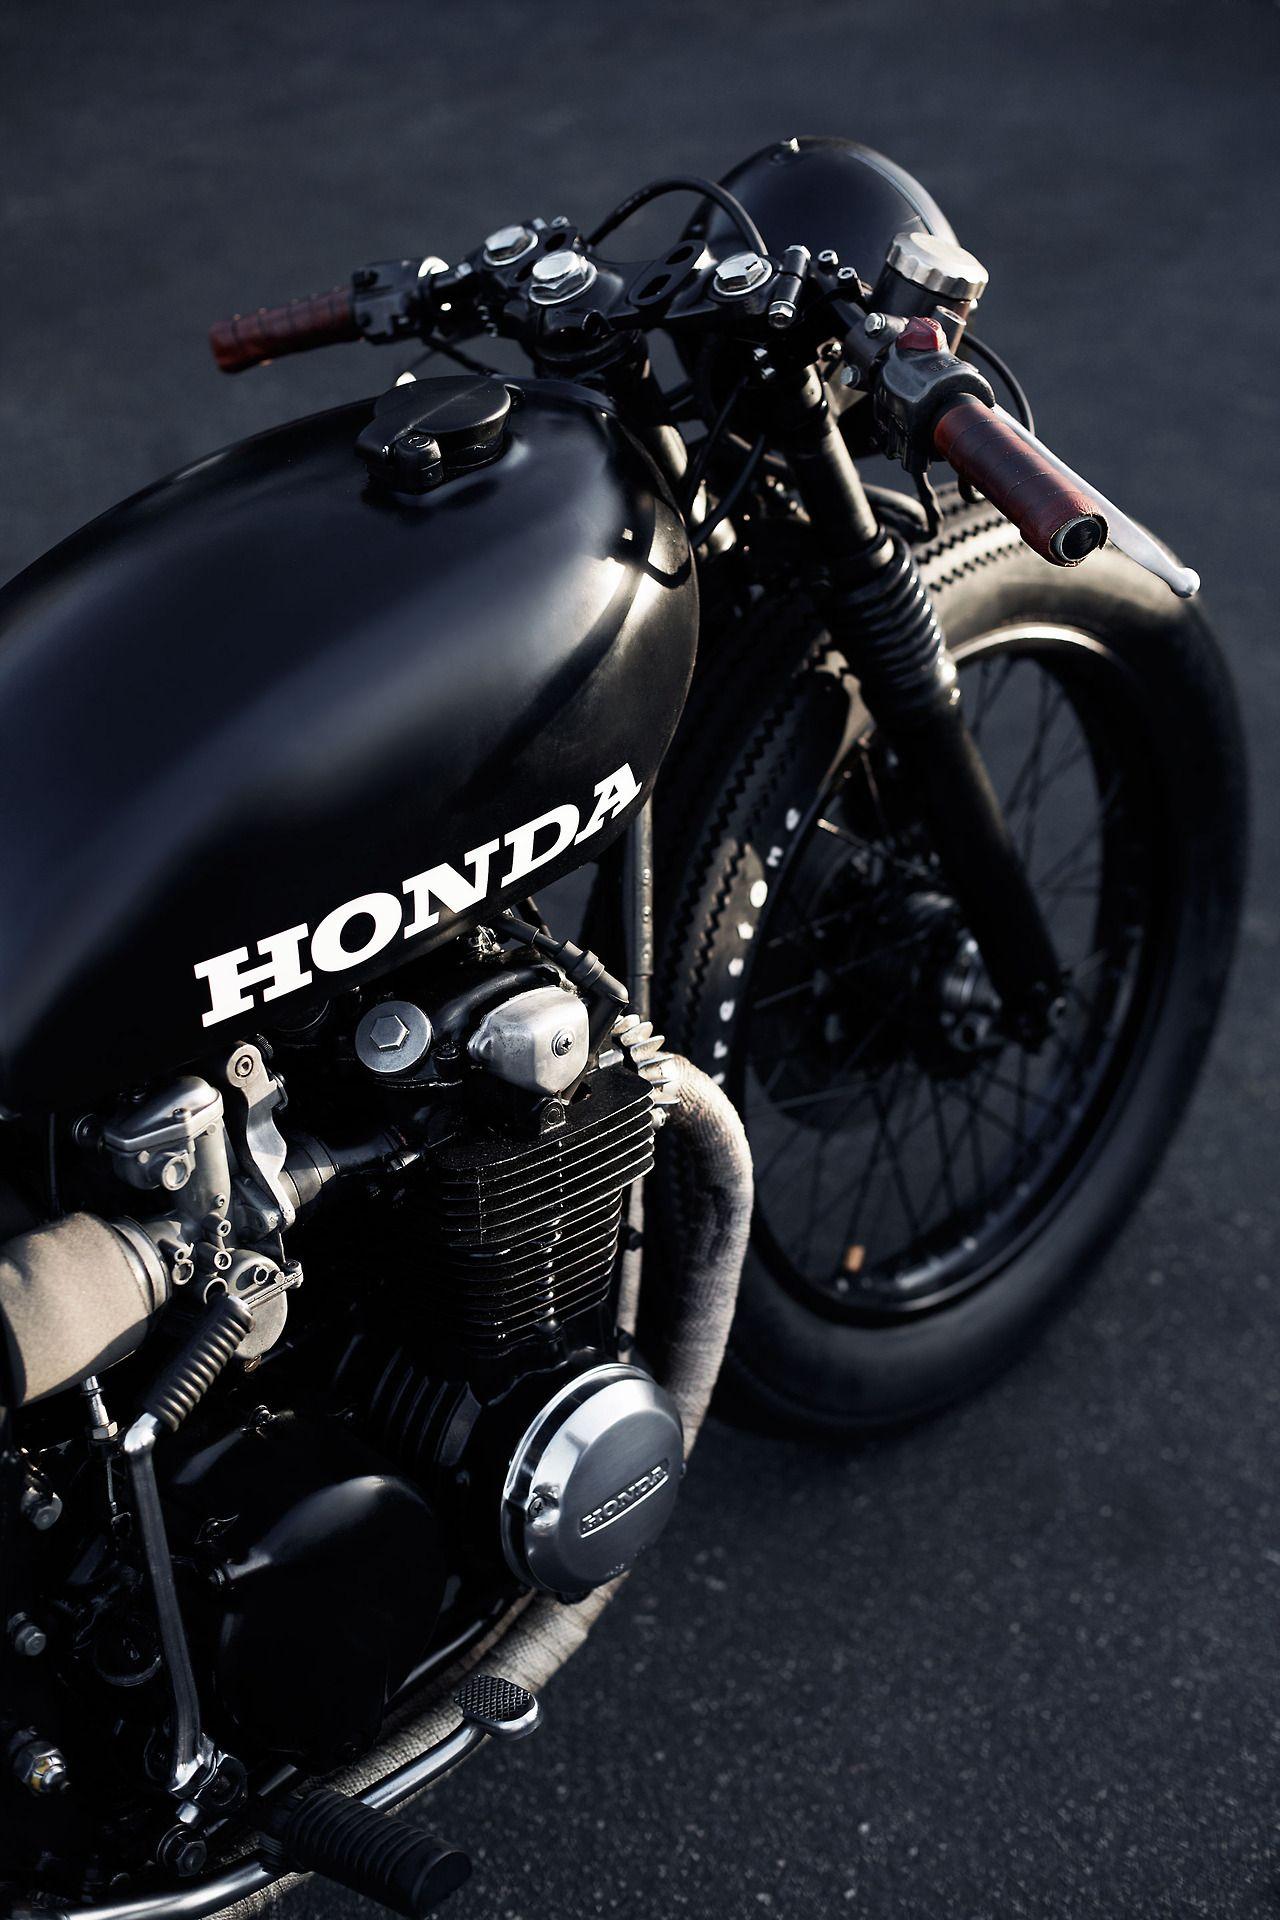 Honda Cafe. Beautiful and subtle